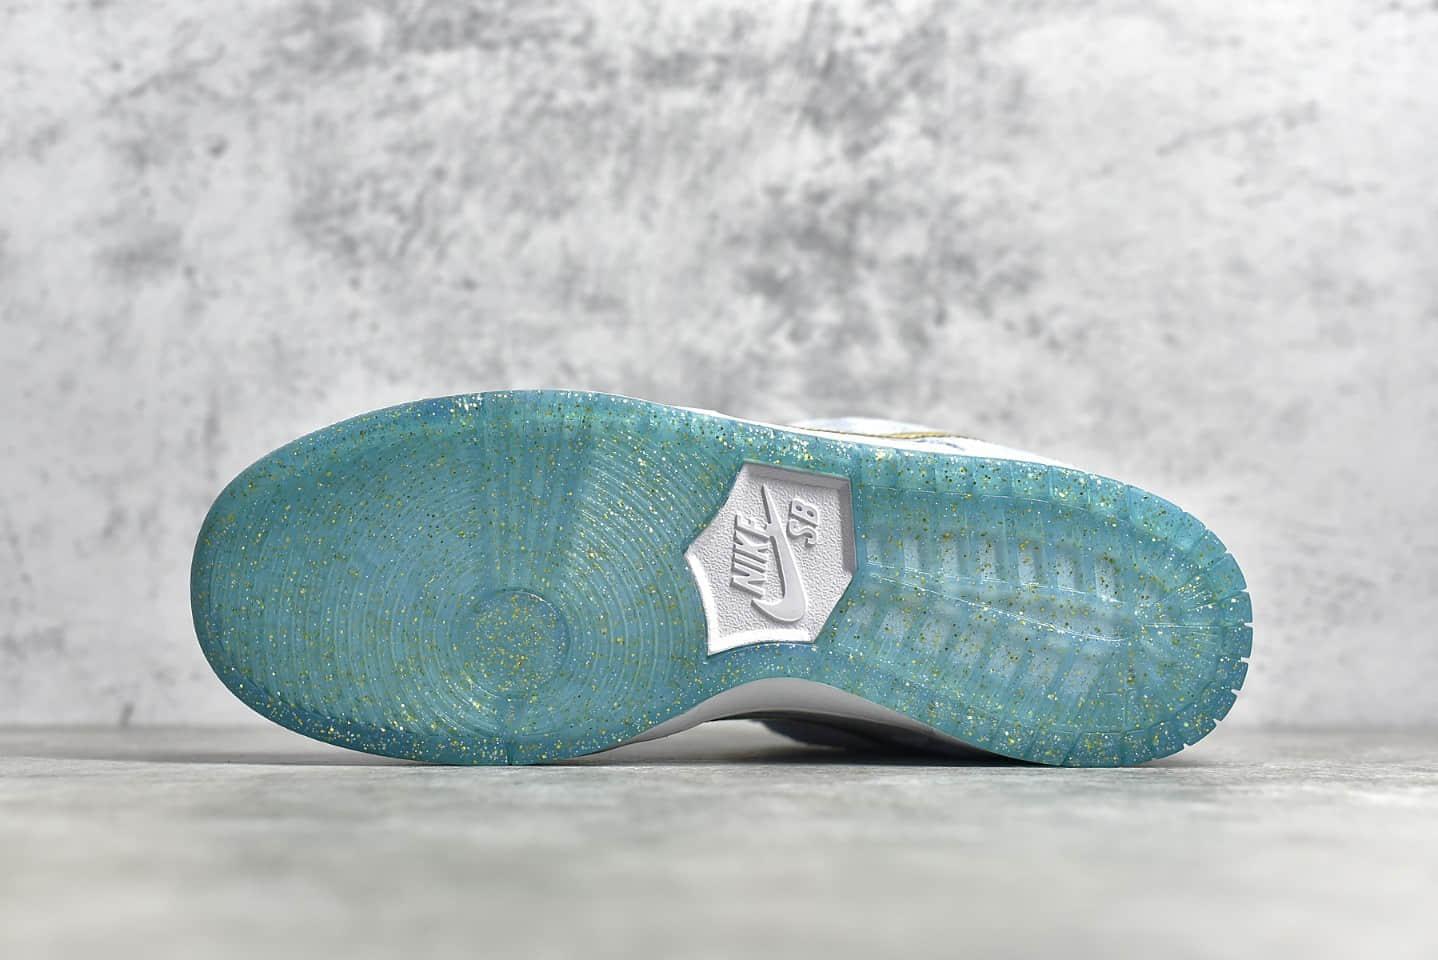 耐克Dunk冰雪奇缘联名款 Sean Cliver x NIKE SB Dunk Low Pro QS 耐克Dunk艺术家低帮滑板鞋 货号:DC9936-100-潮流者之家